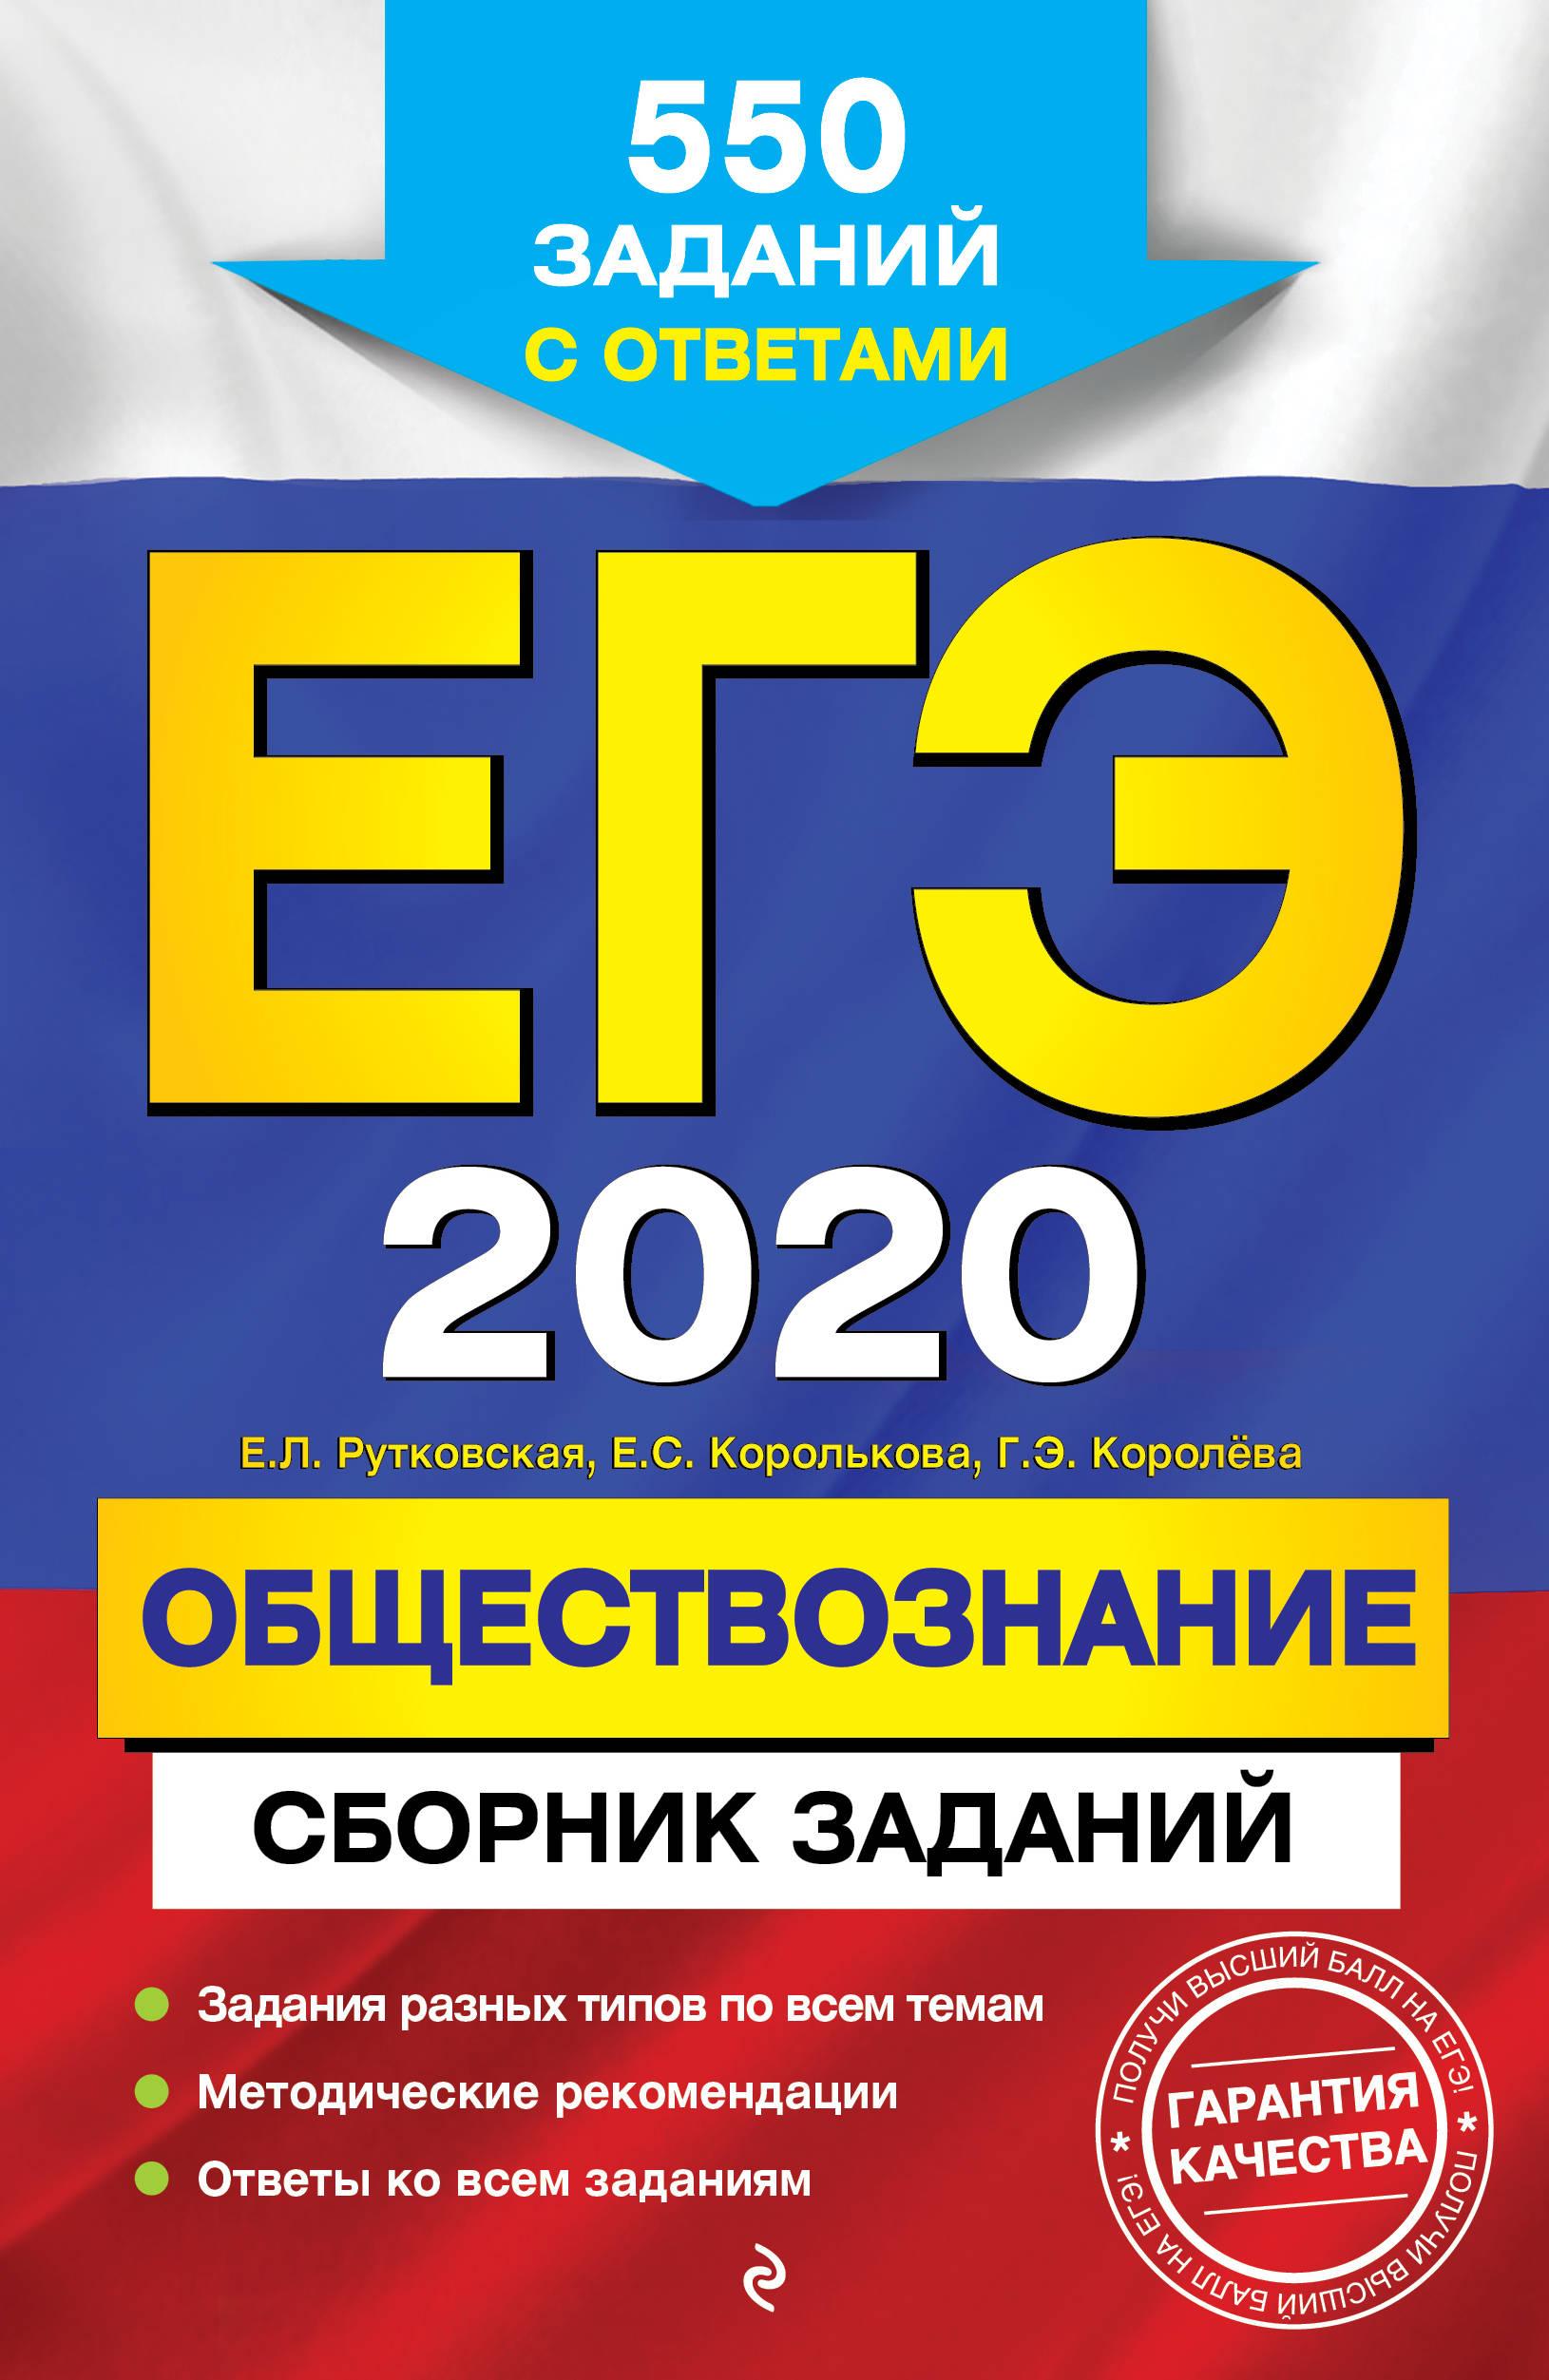 Е. Л. Рутковская, Е. С. Королькова, Г. Э. Королева ЕГЭ-2020. Обществознание. Сборник заданий